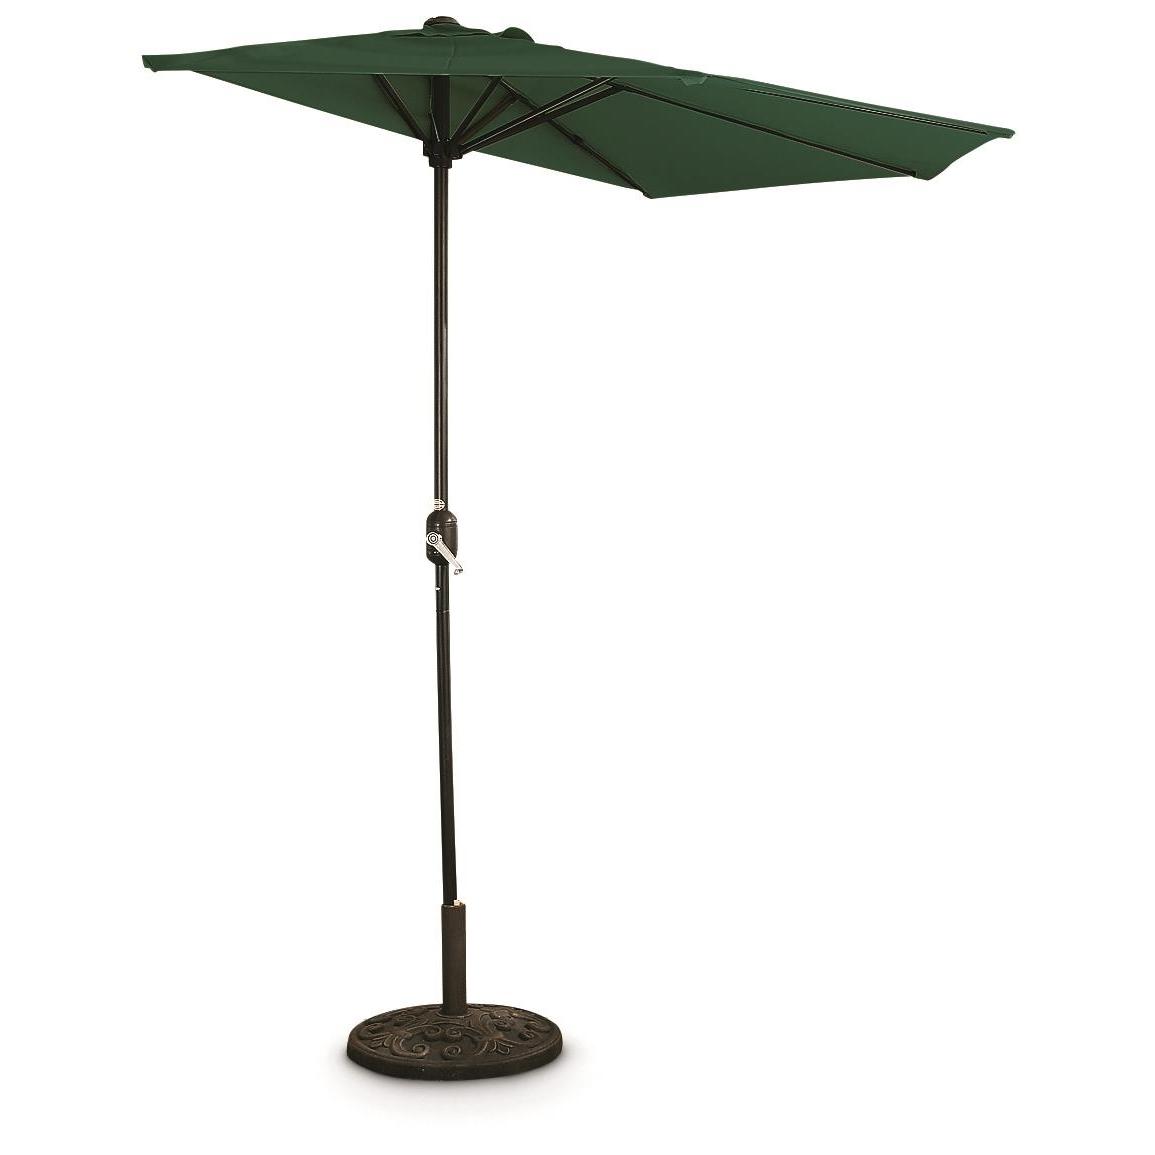 Green Patio Umbrellas In Favorite Castlecreek 8' Half Round Patio Umbrella – 235556, Patio Umbrellas (View 8 of 20)